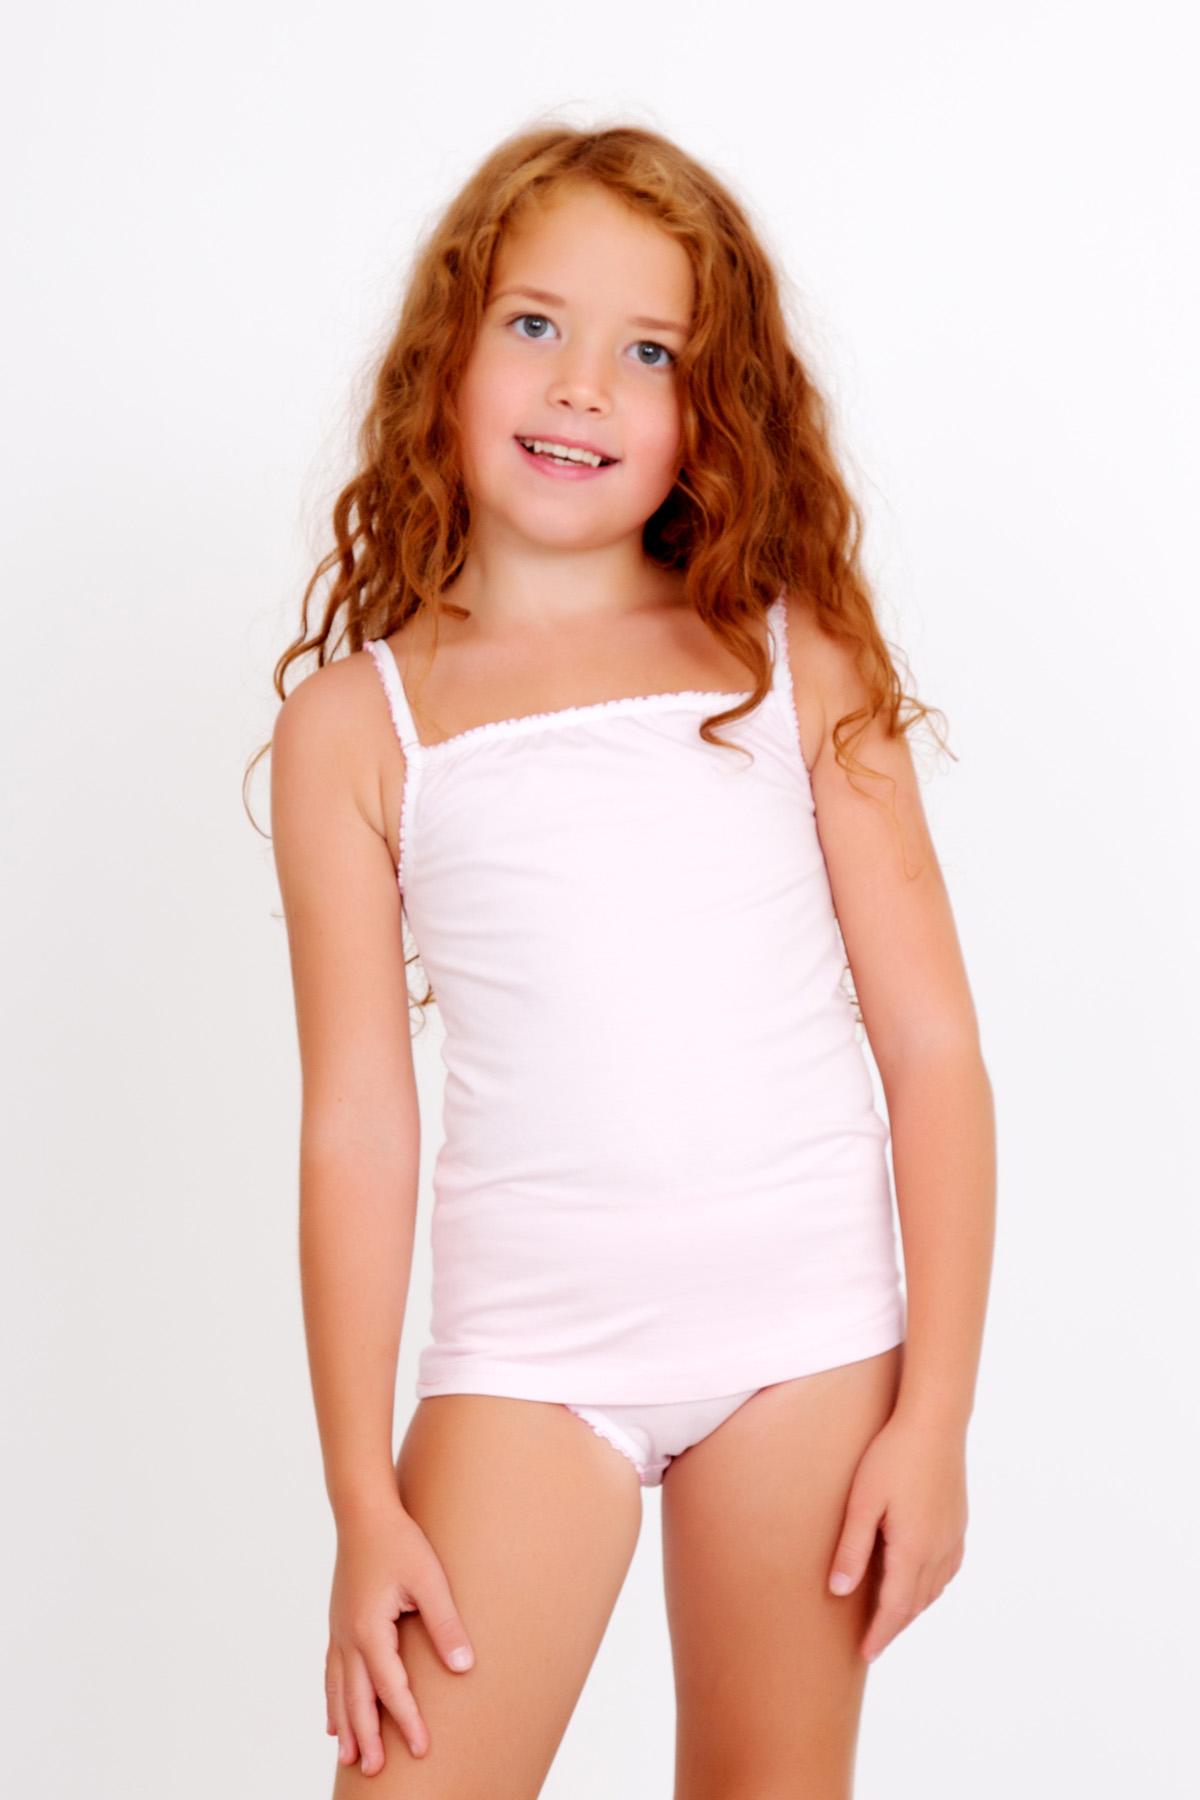 Дет. комплект Зарина р. 32Нижнее и нательное белье<br><br><br>Тип: Дет. комплект<br>Размер: 32<br>Материал: Фулайкра